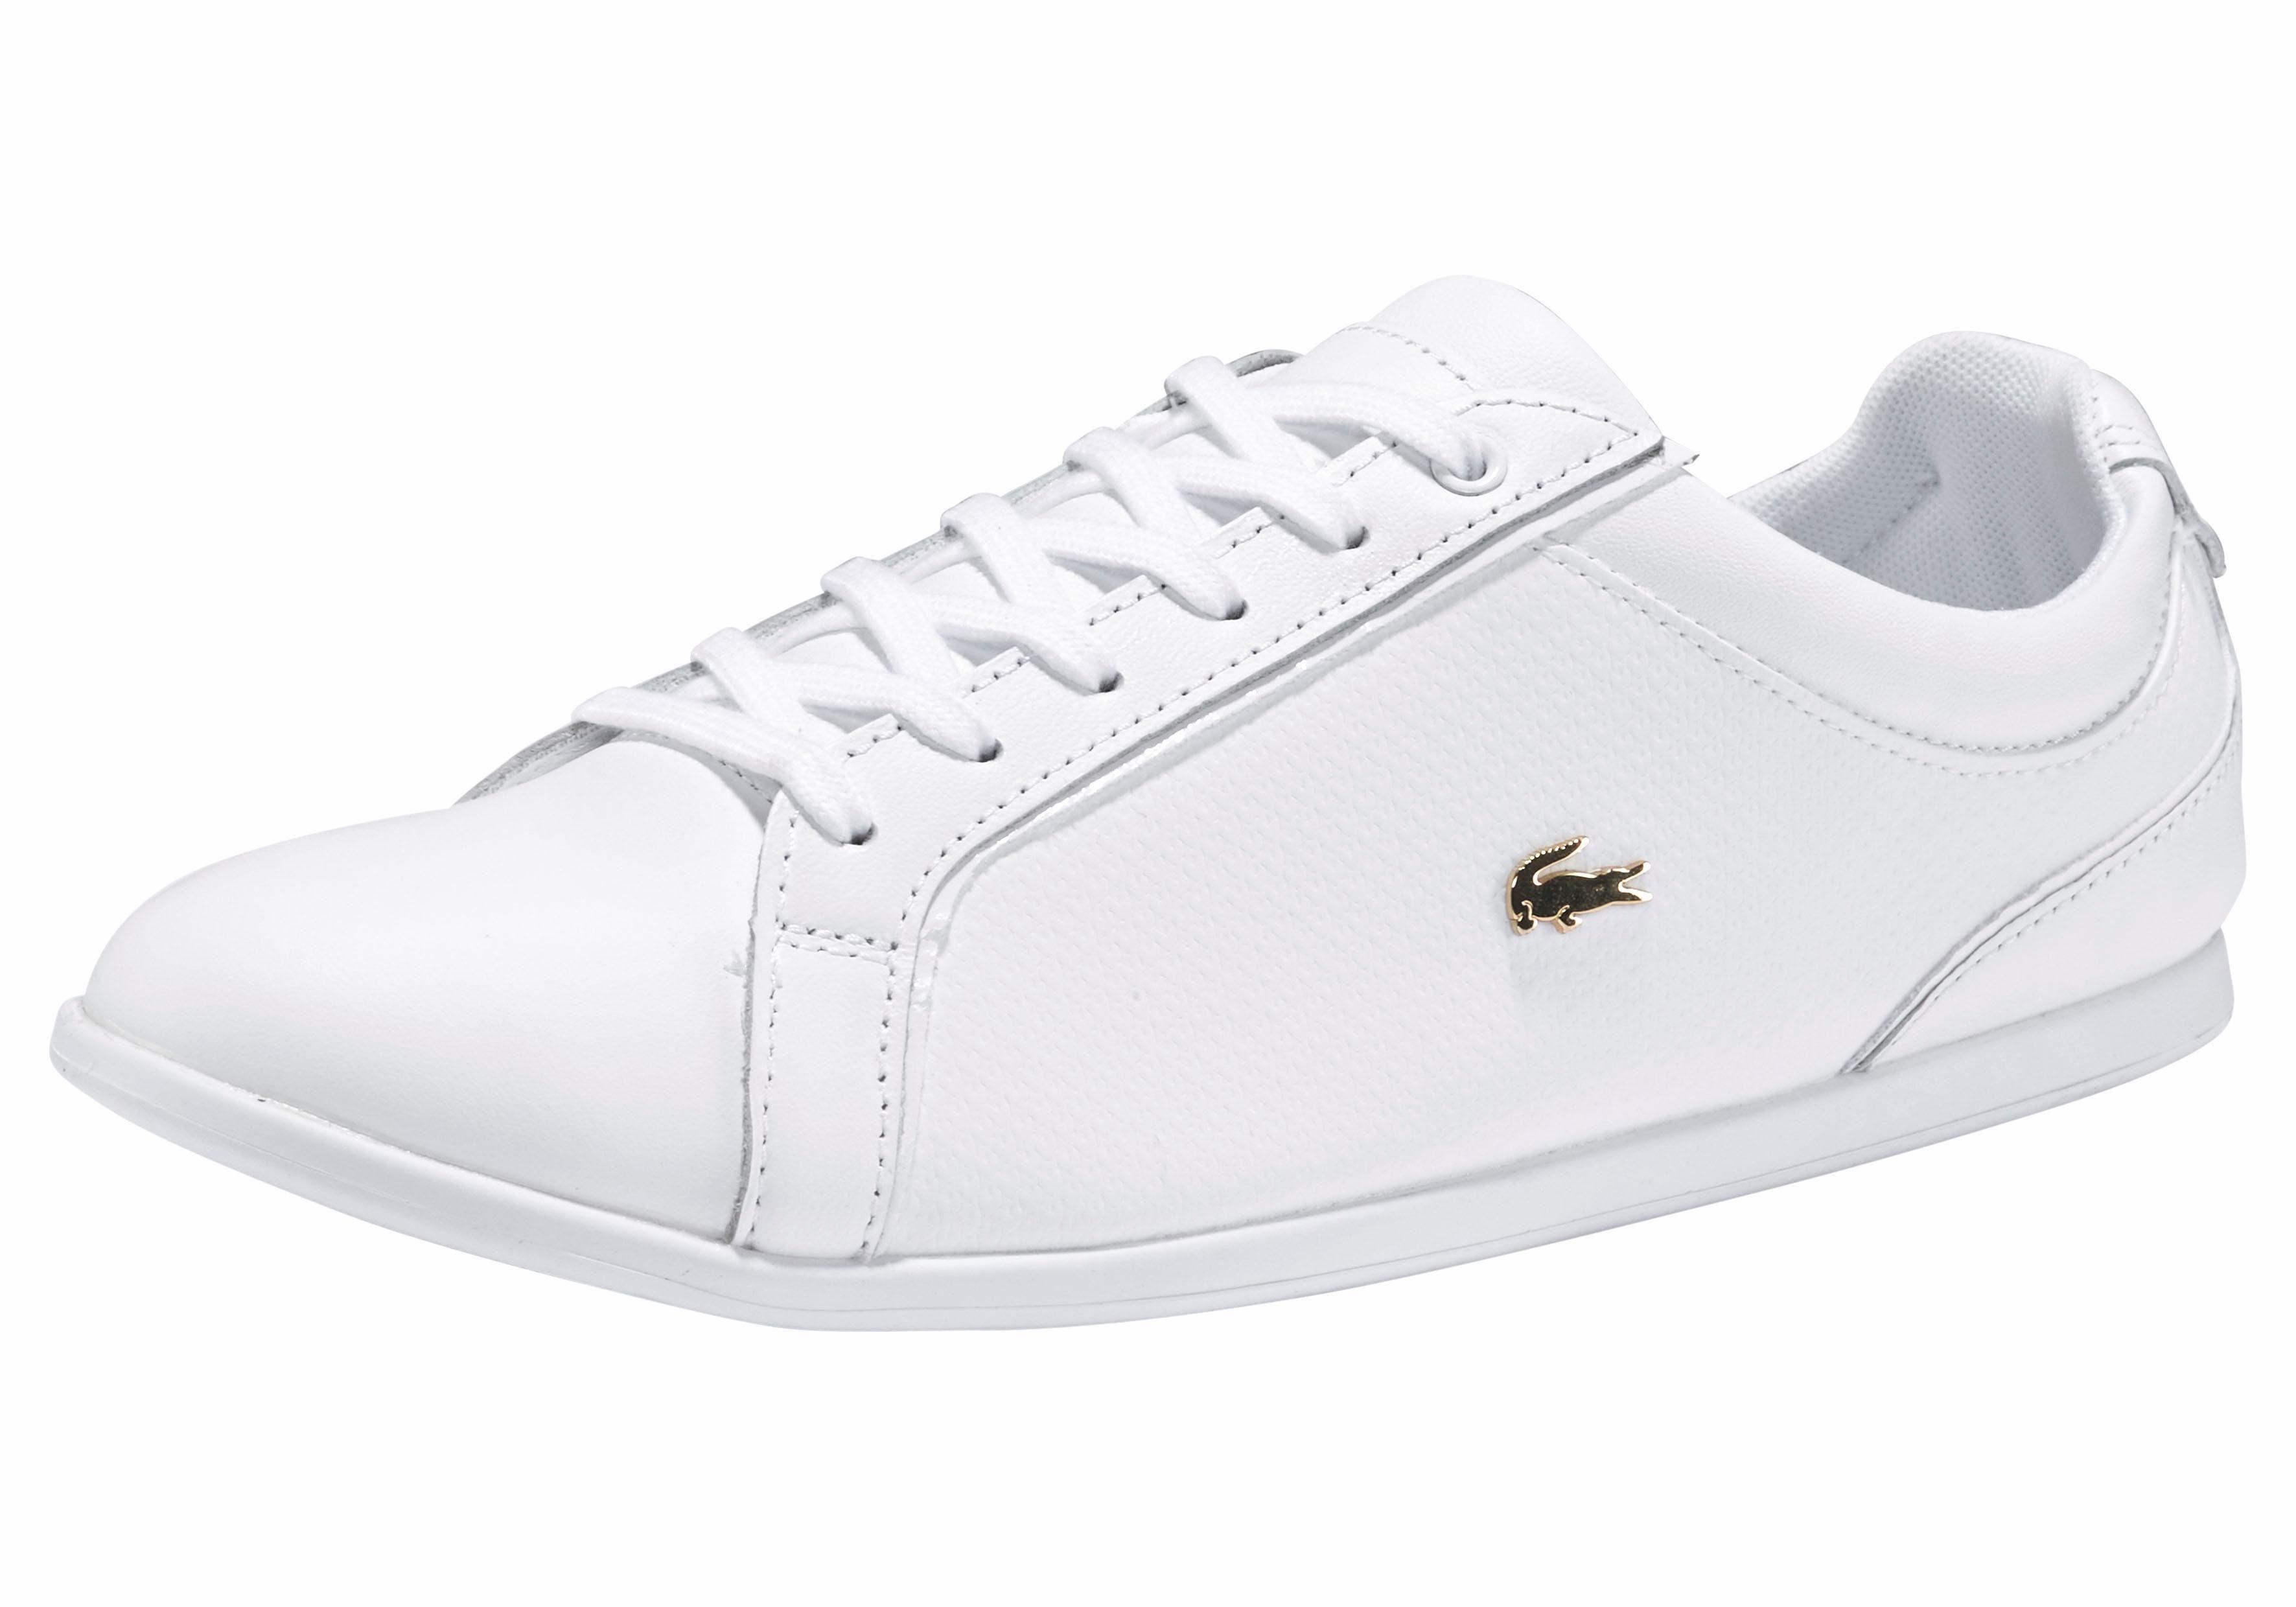 Kaufen Damen Sneakers LACOSTE Rey Lace 317 1 Caw 7